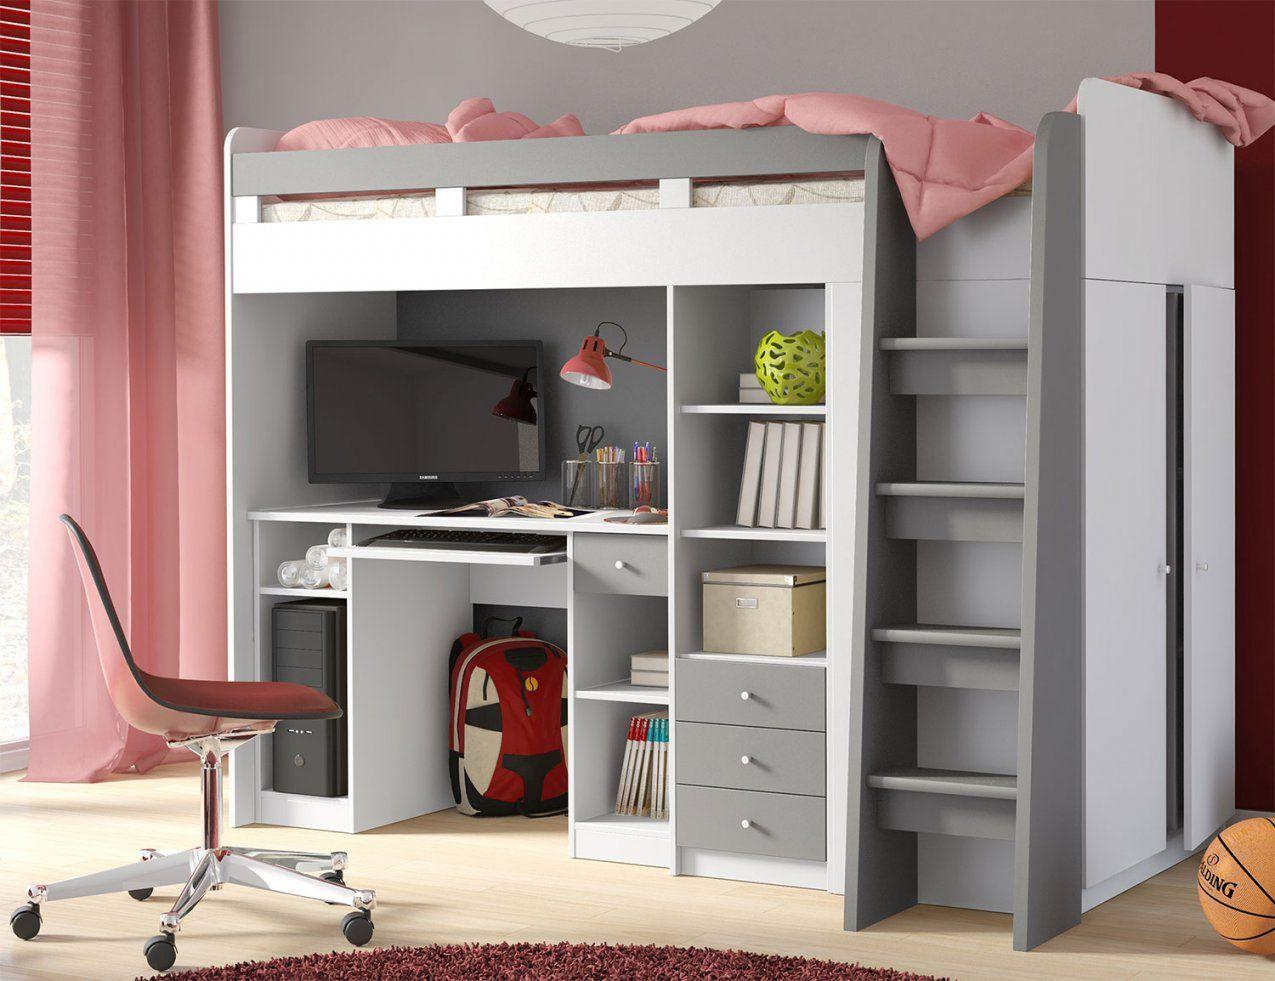 Hochbett Etagenbett Bett Kleiderschrank Schreibtisch 90X200Cm Weiß von Bett Schrank Schreibtisch Kombination Bild